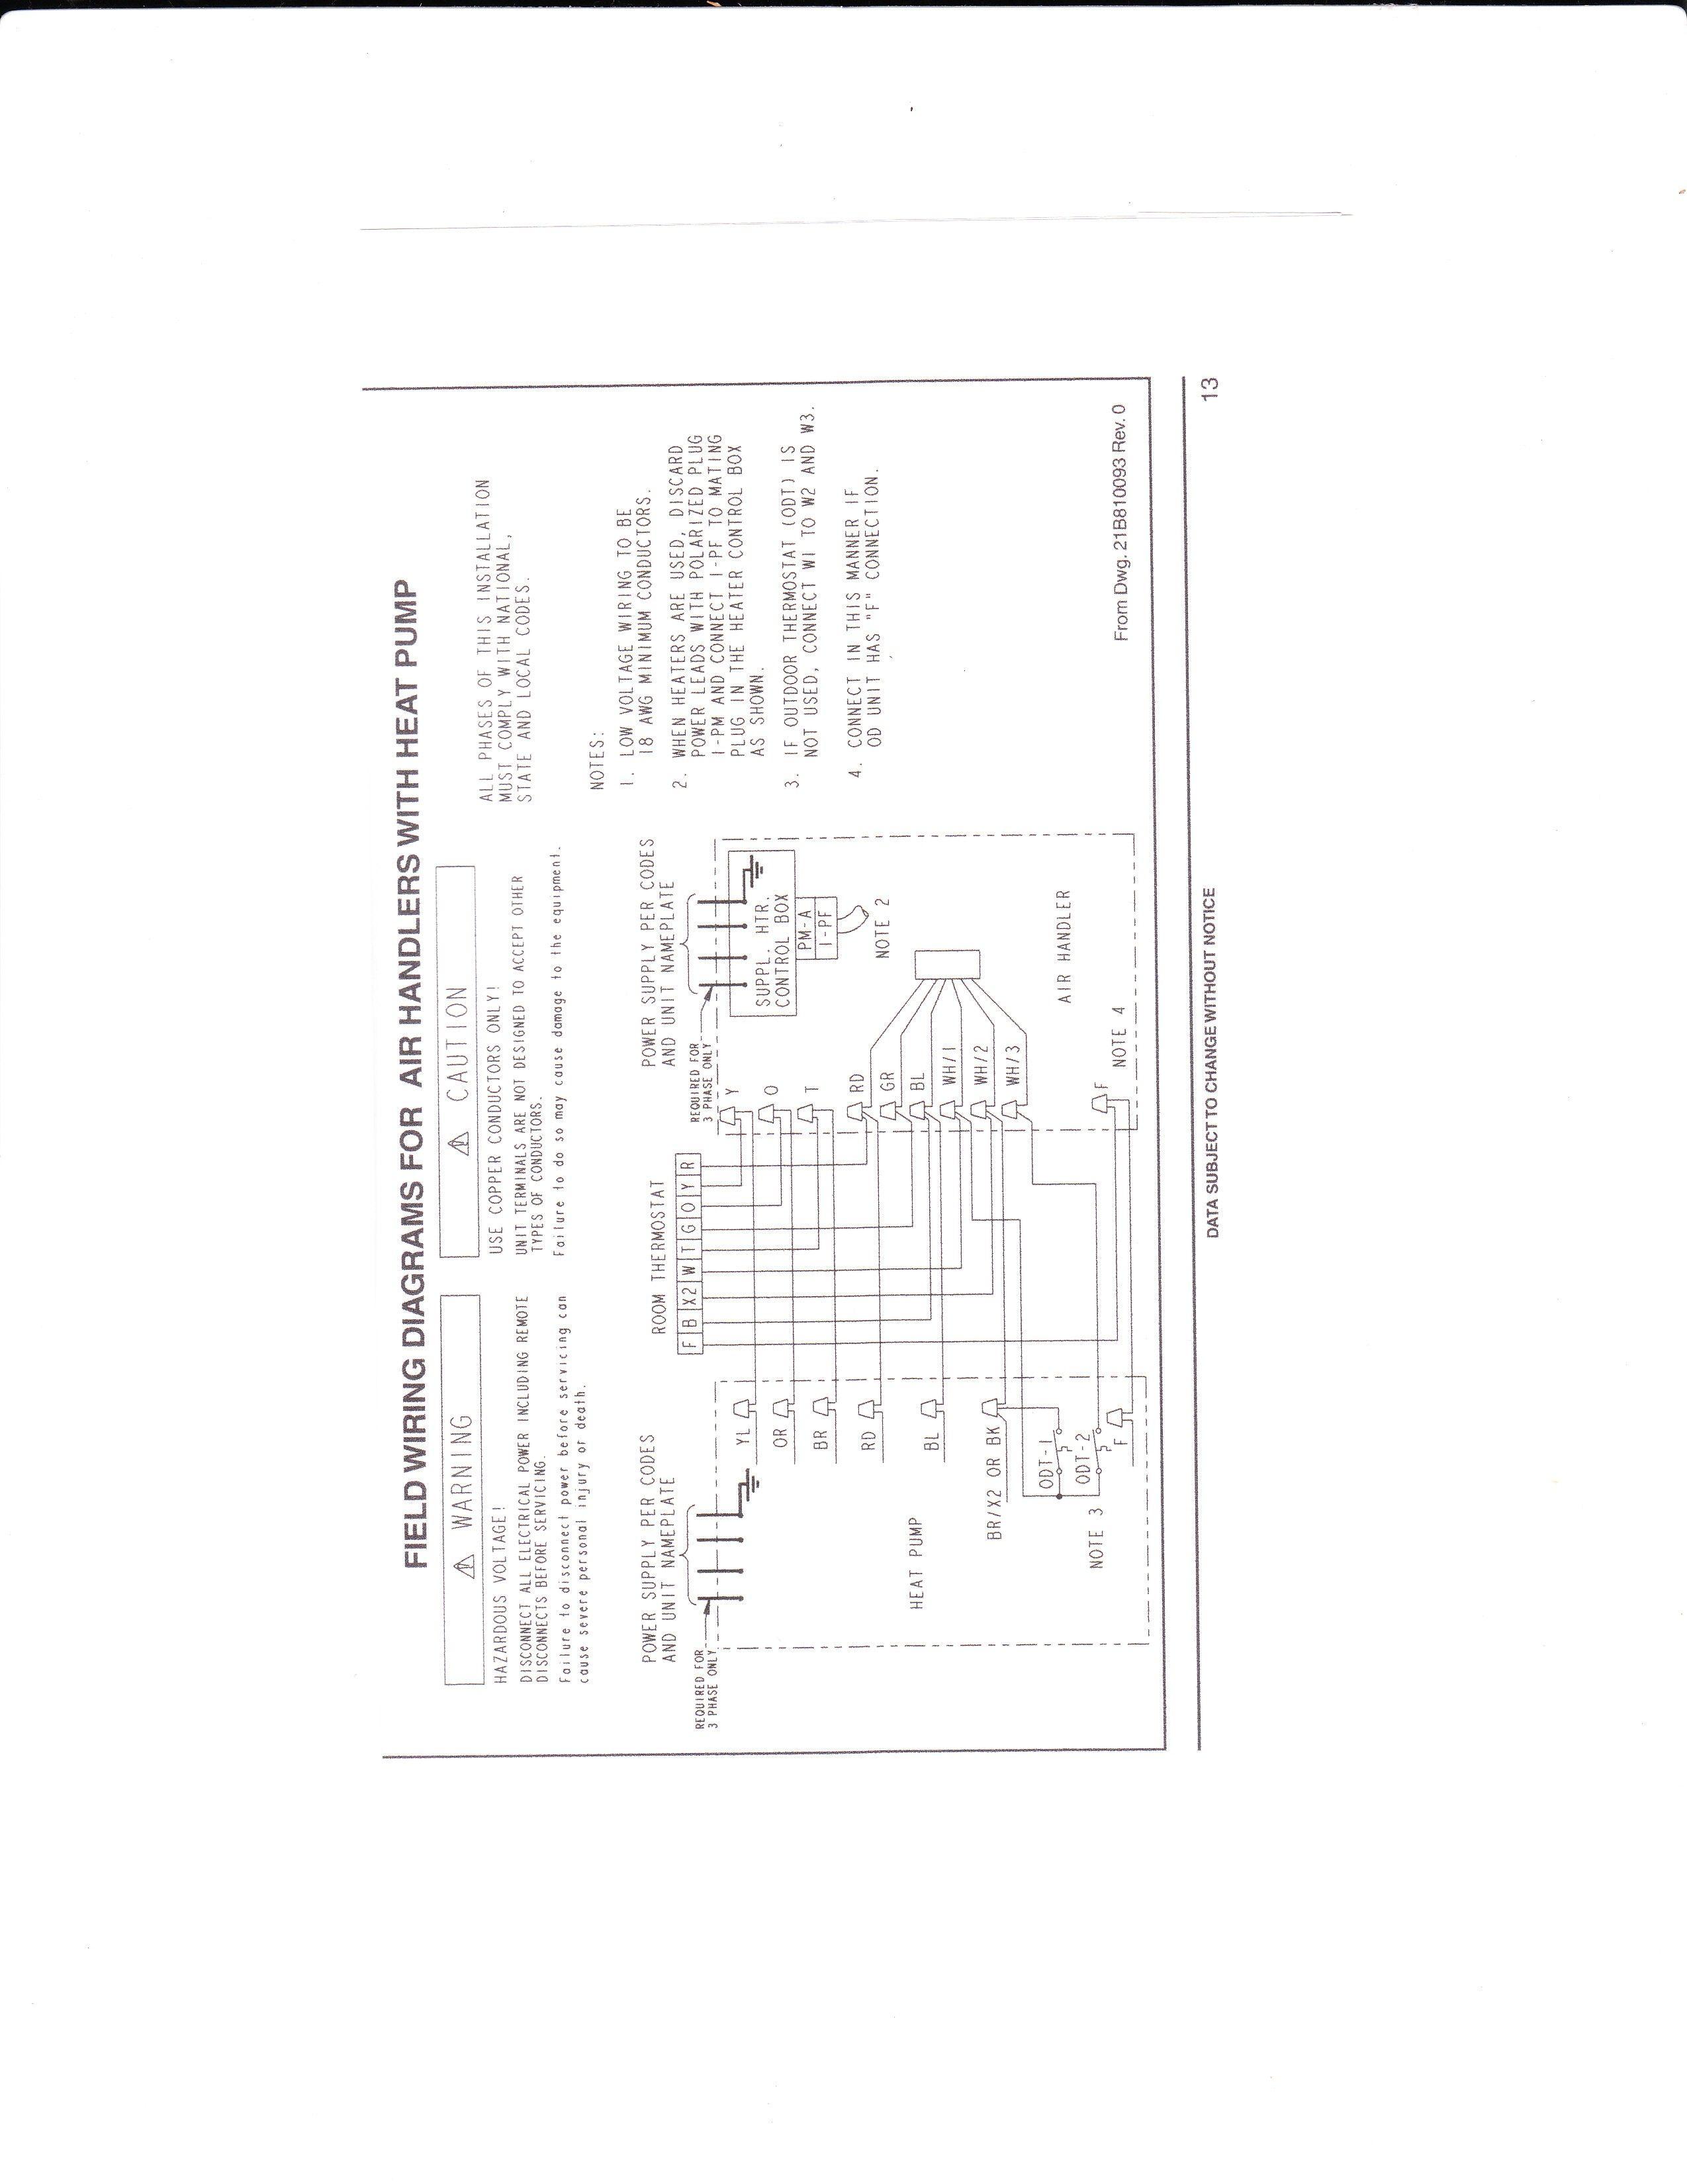 Unique Nuheat Home Wiring Diagram Diagram Diagramsample